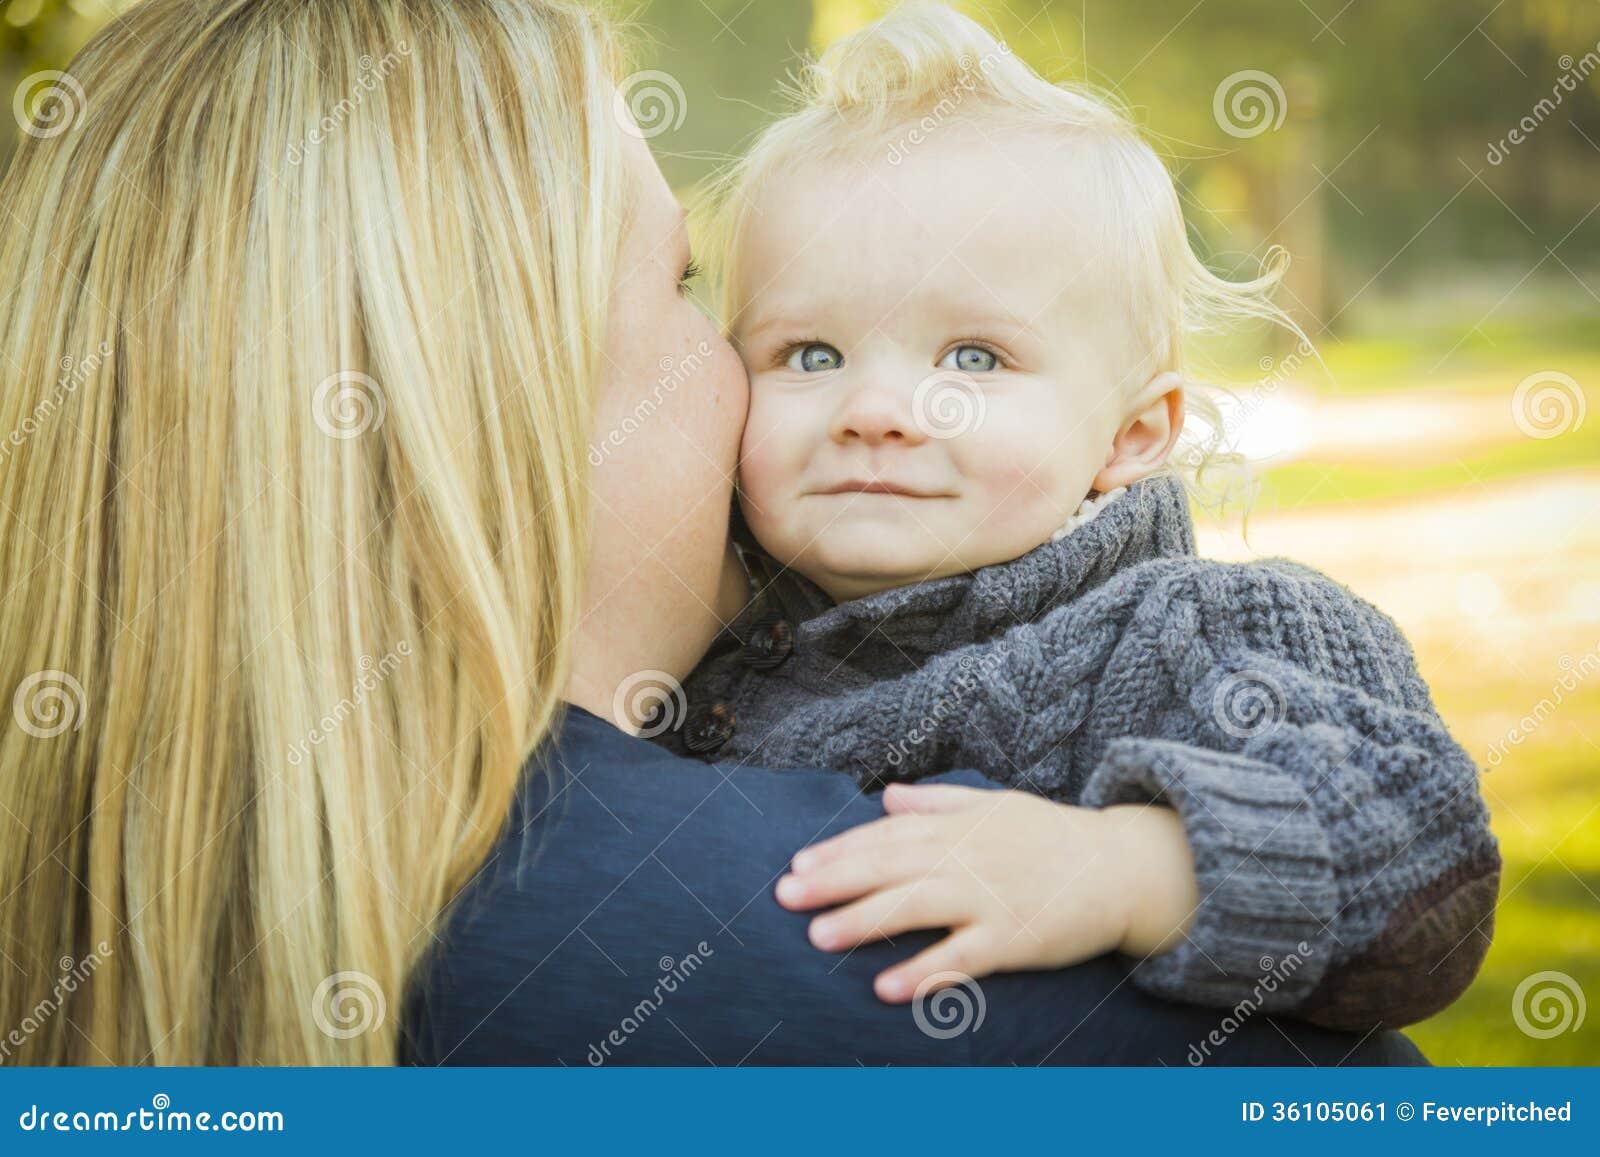 mamie aime le sexe il baise une amie